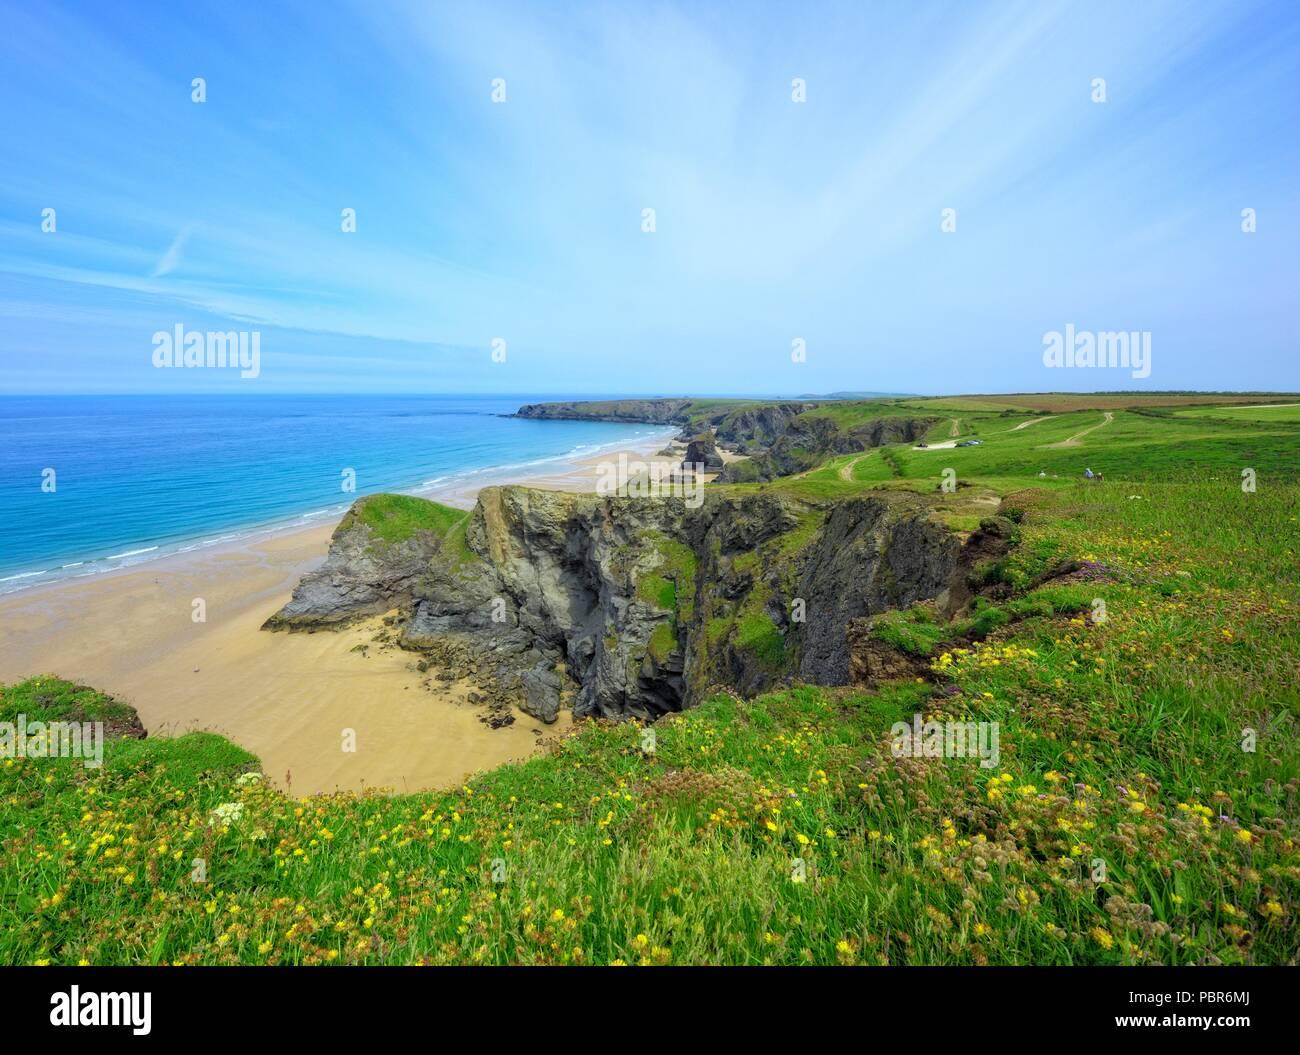 Trerathick Point, Cornwall,England,UK - Stock Image